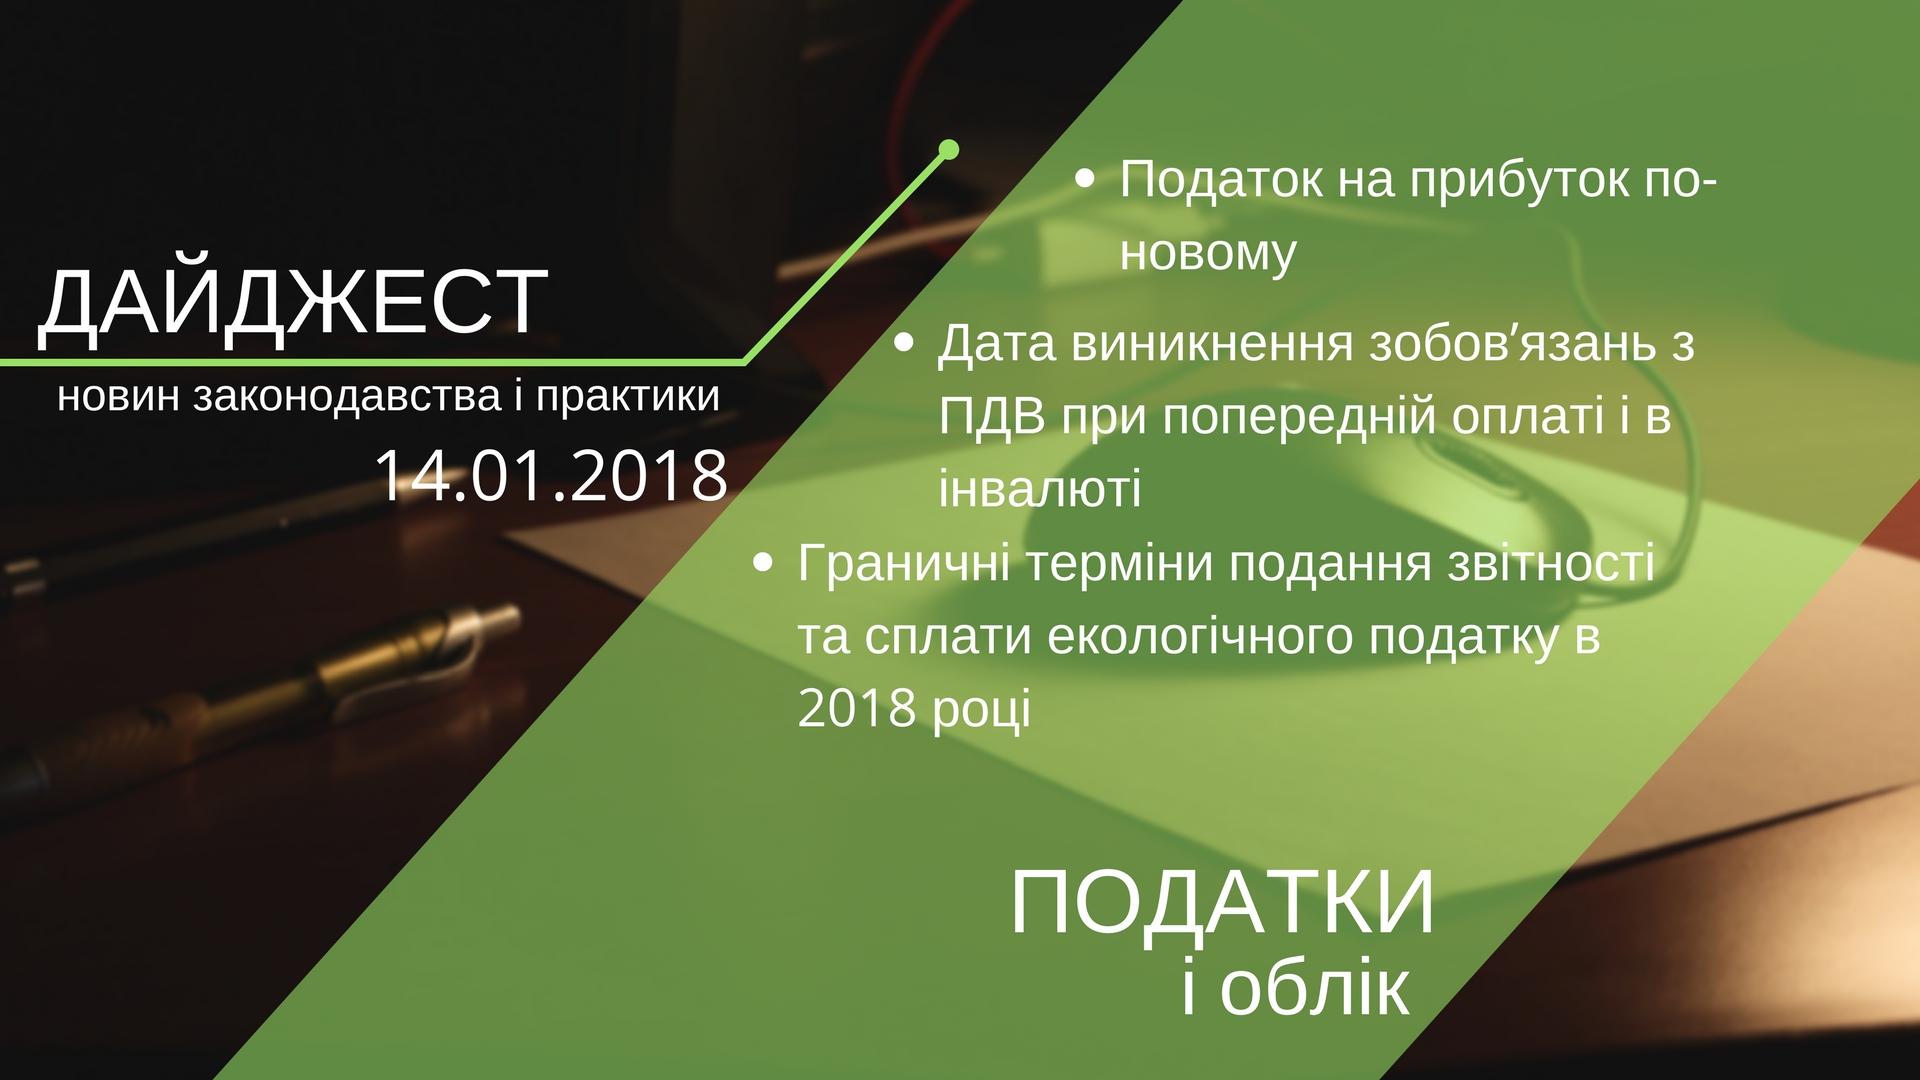 """Дайджест нoвин """"Податки і облік"""" з 09.01.2018 пo 14.01.2018"""